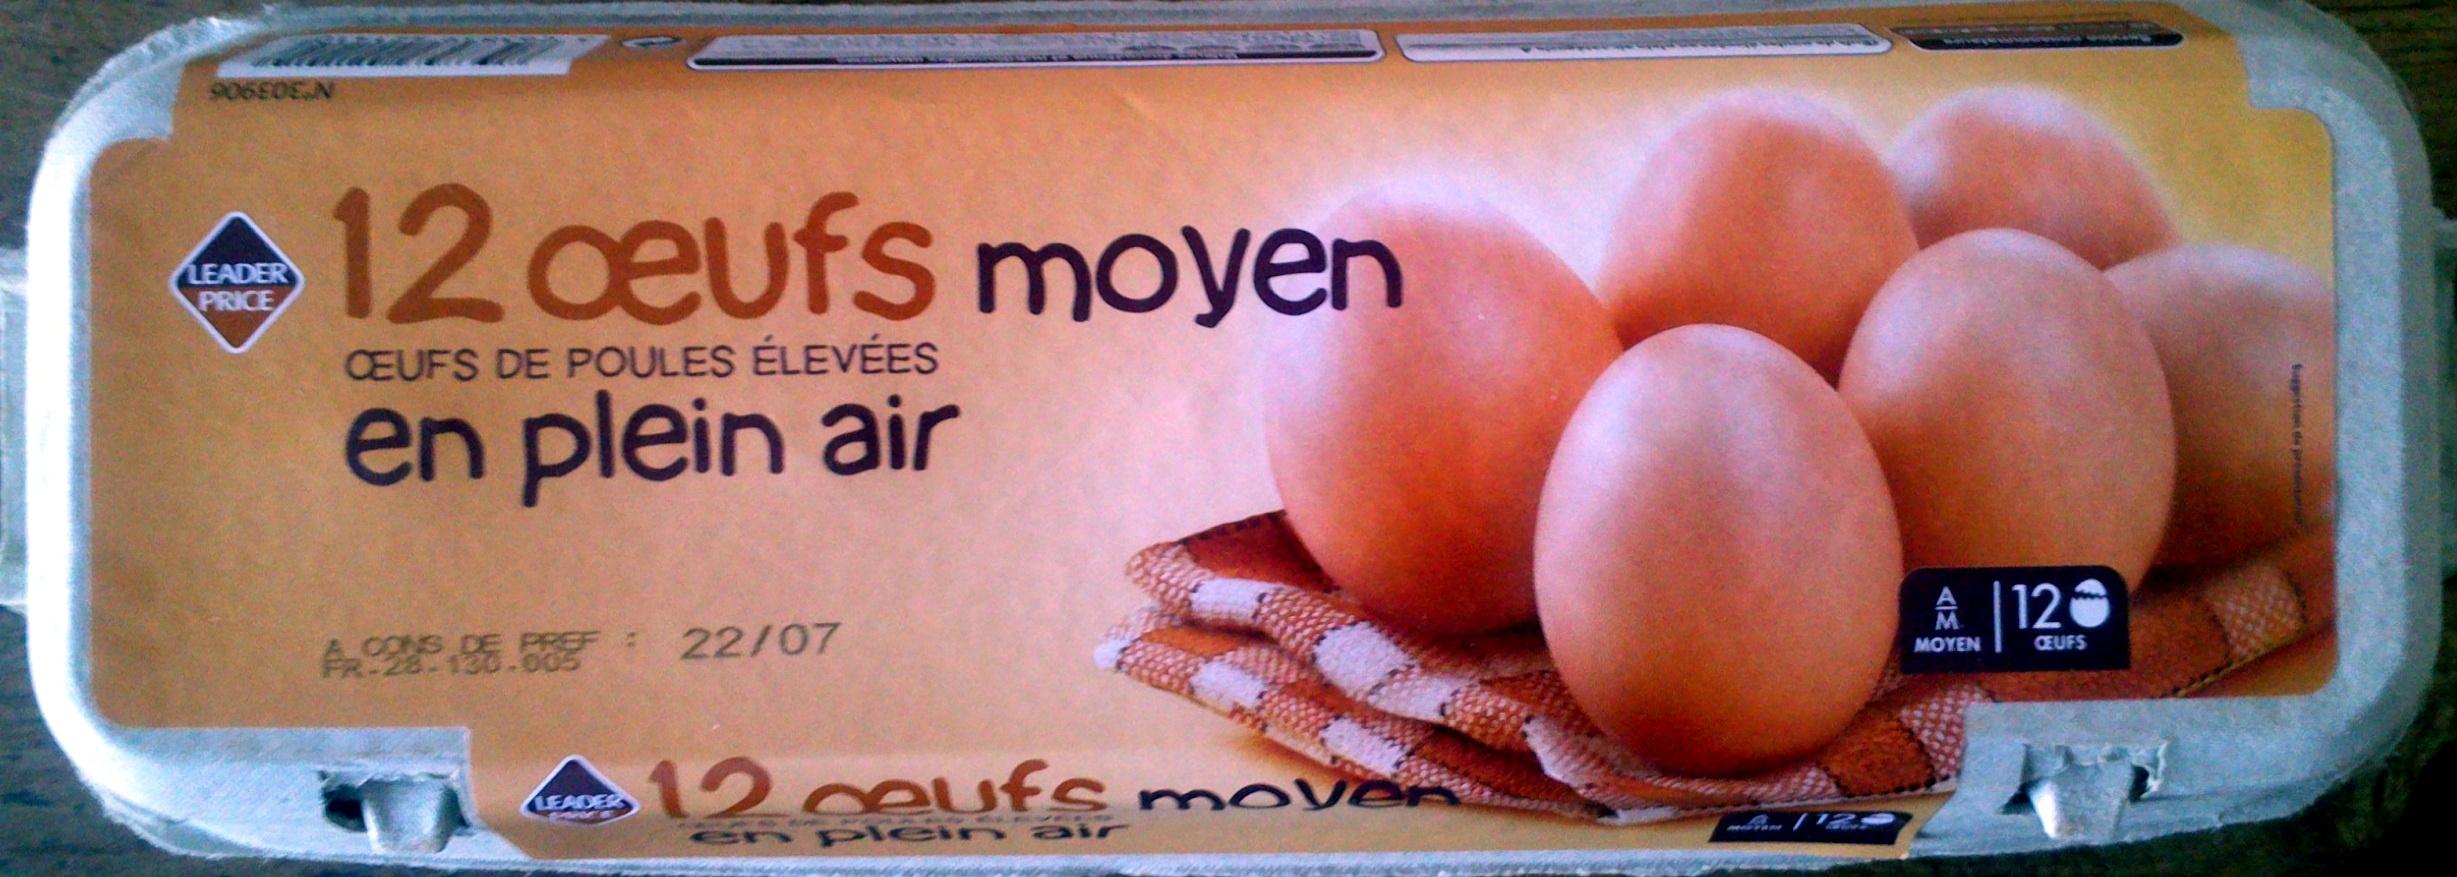 Œufs de poules élevées en plein air (x 12)Moyen Leader Price - Produit